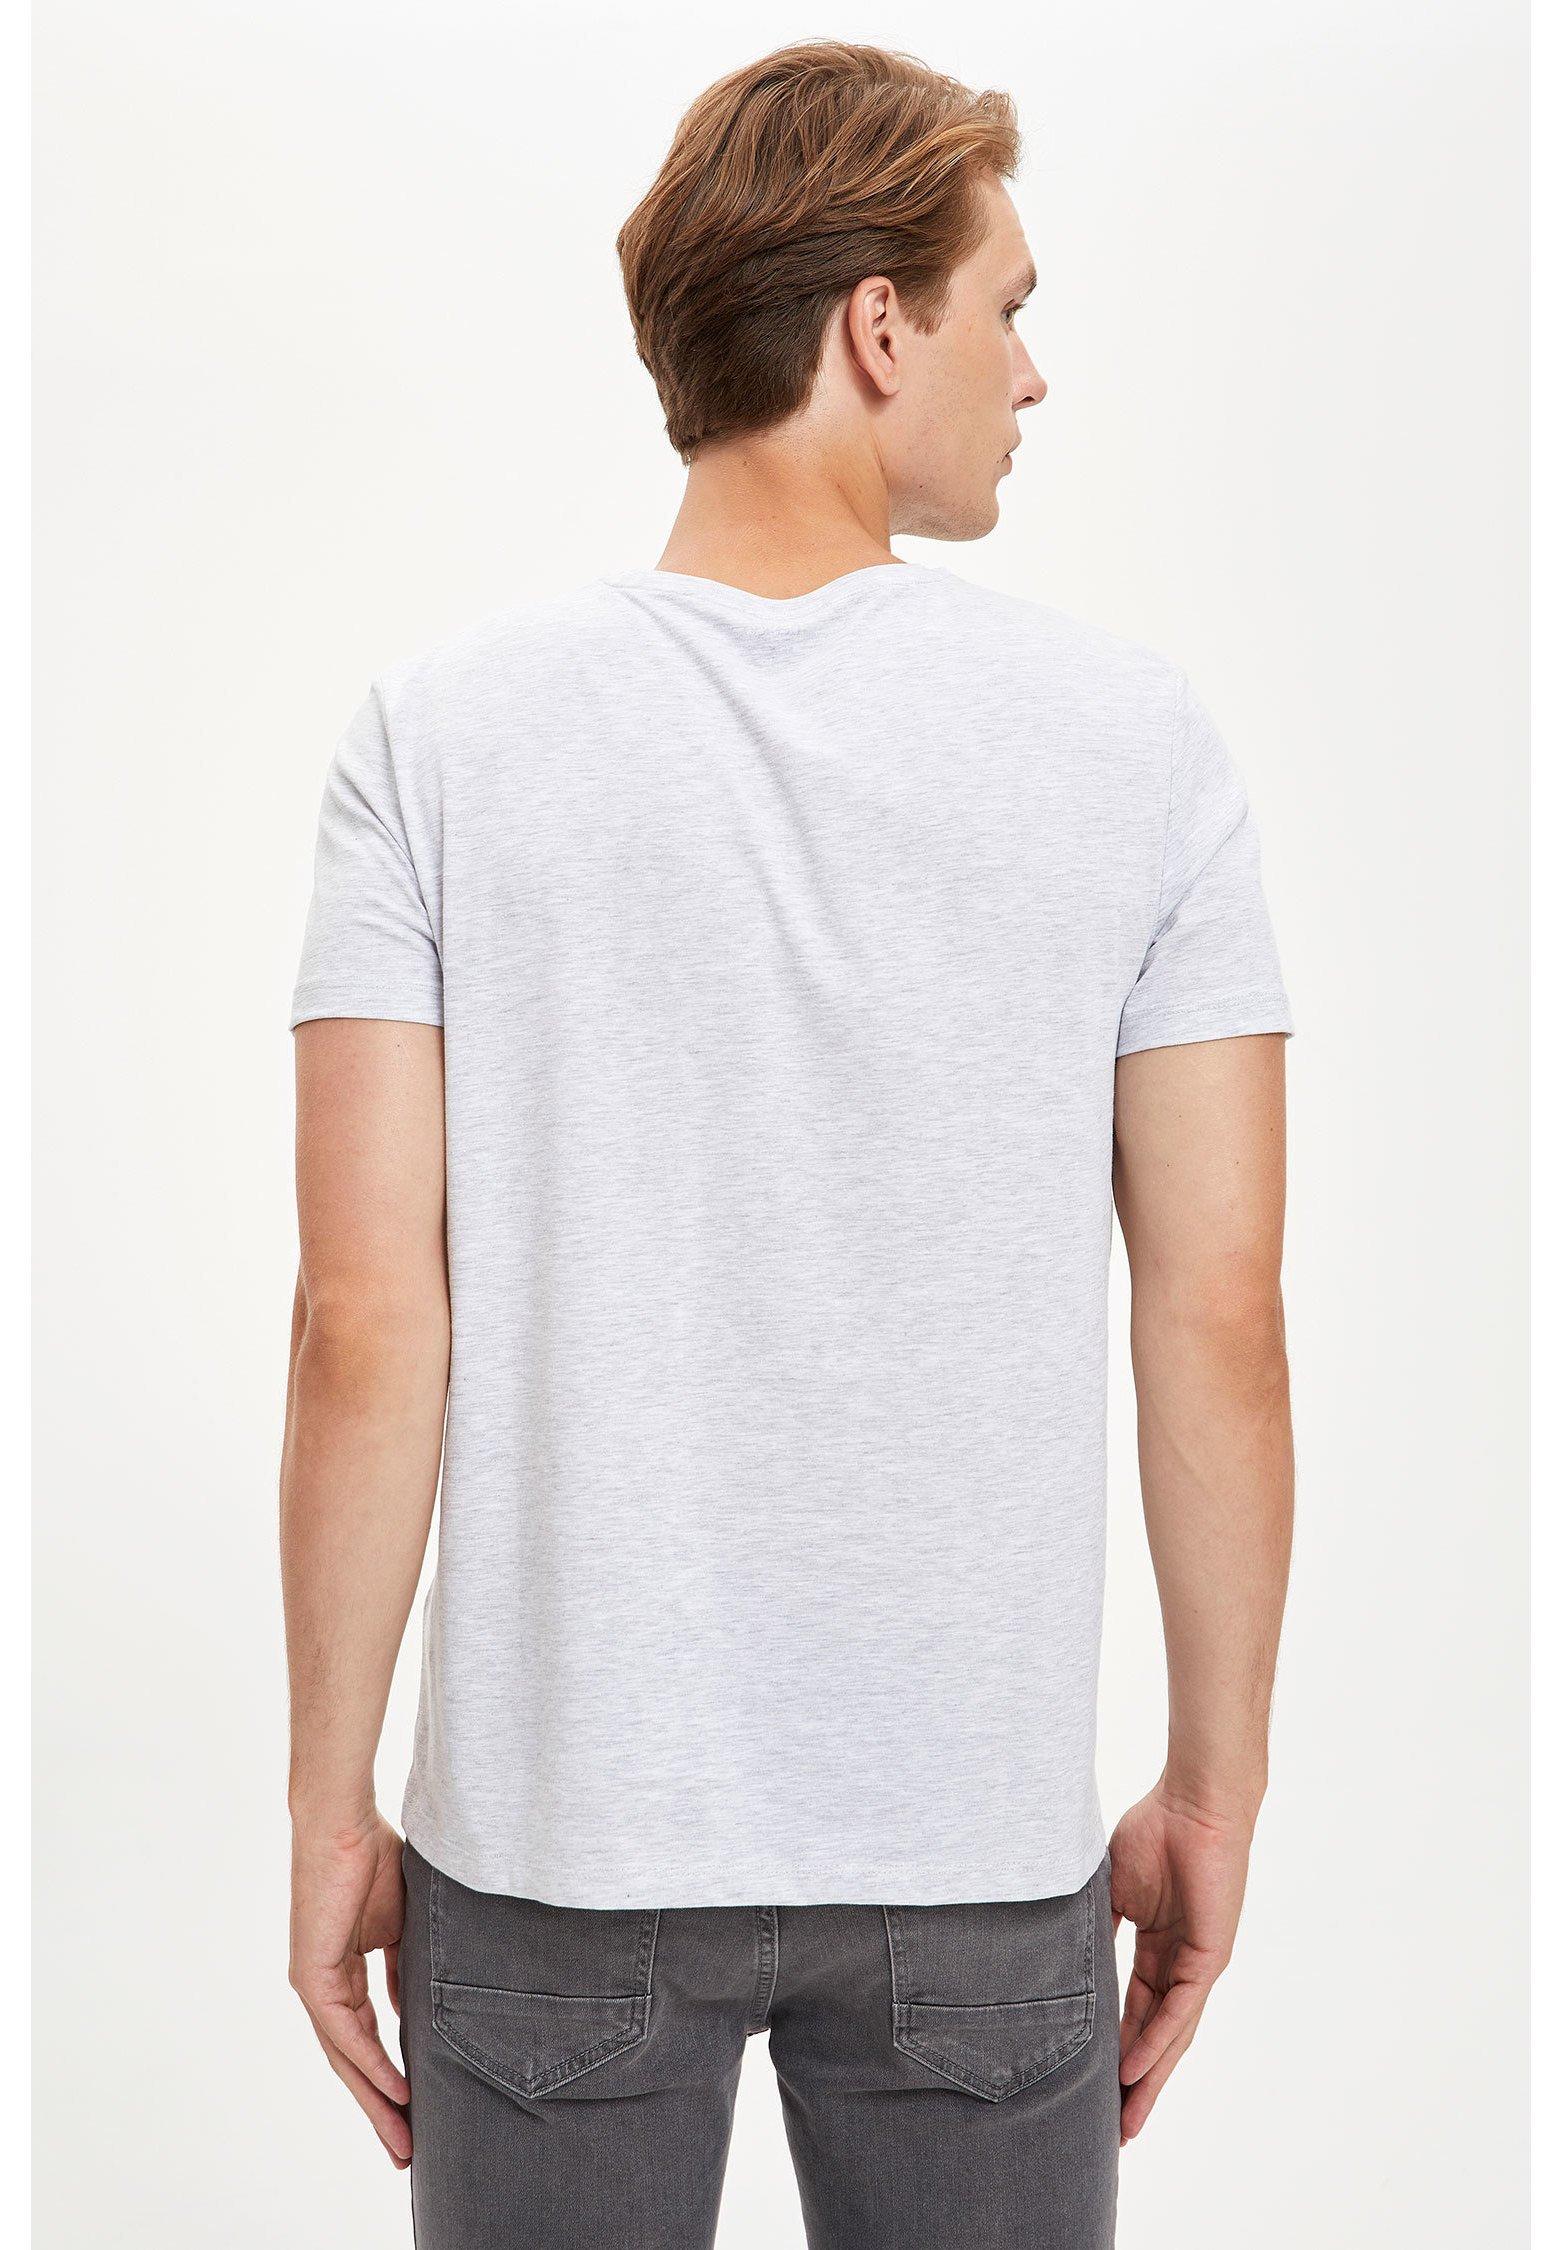 DeFacto Print T-shirt - grey aAAoM